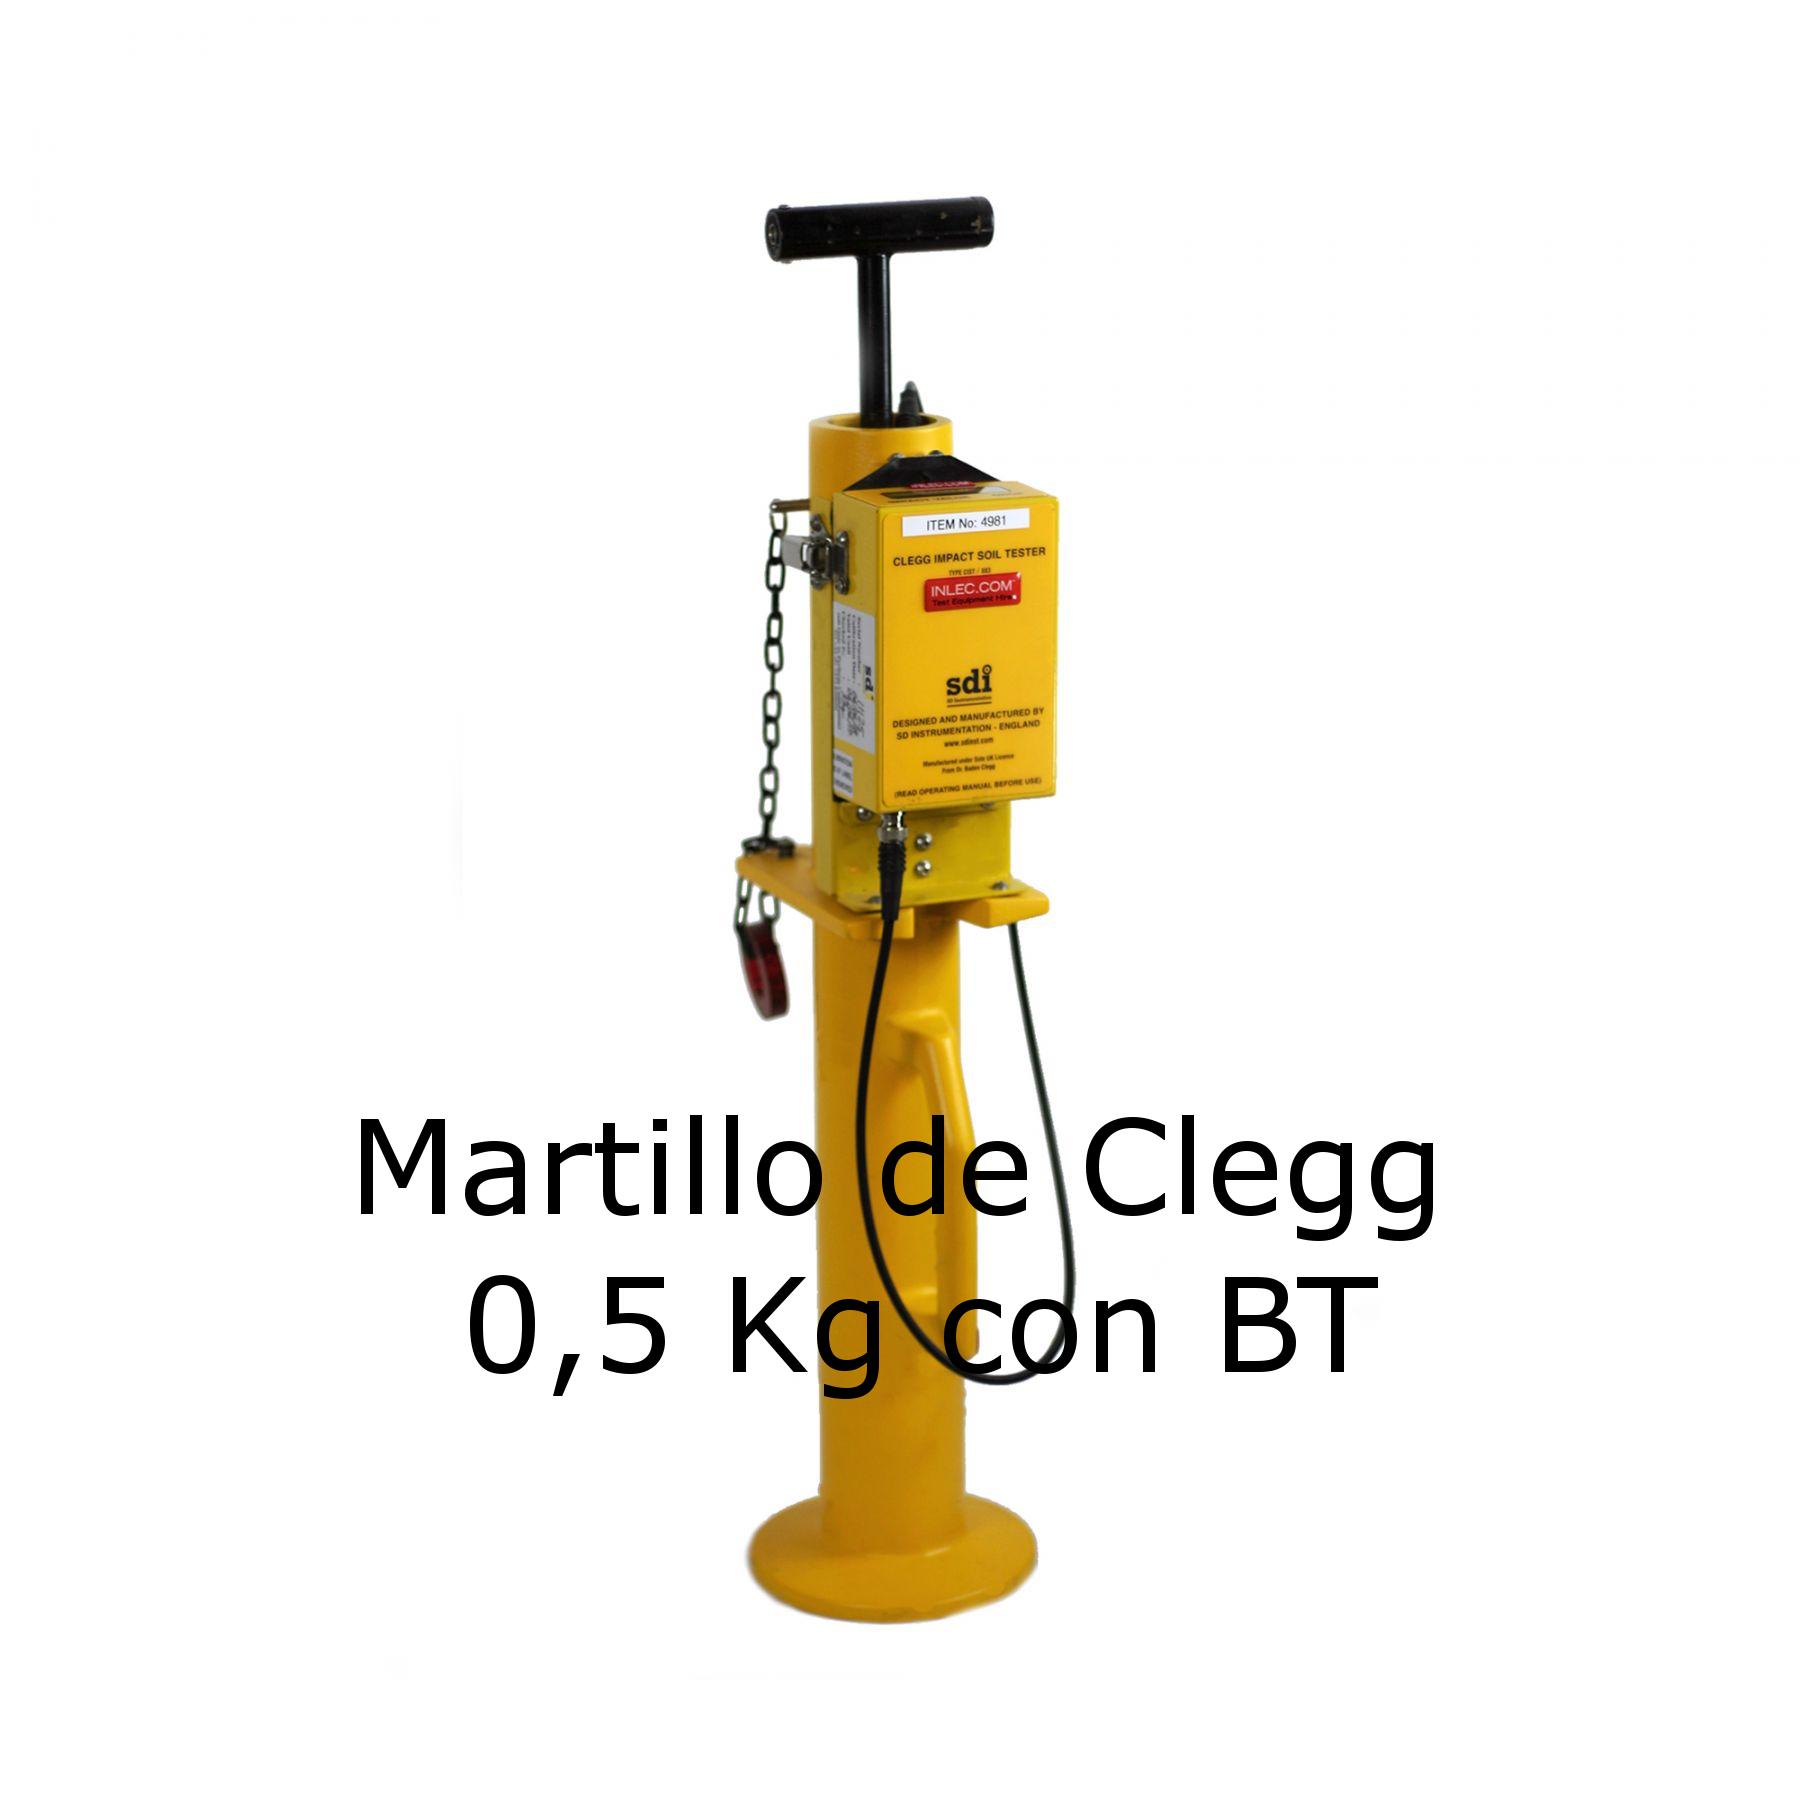 Martillo de Clegg de 0,5 Kg con BT